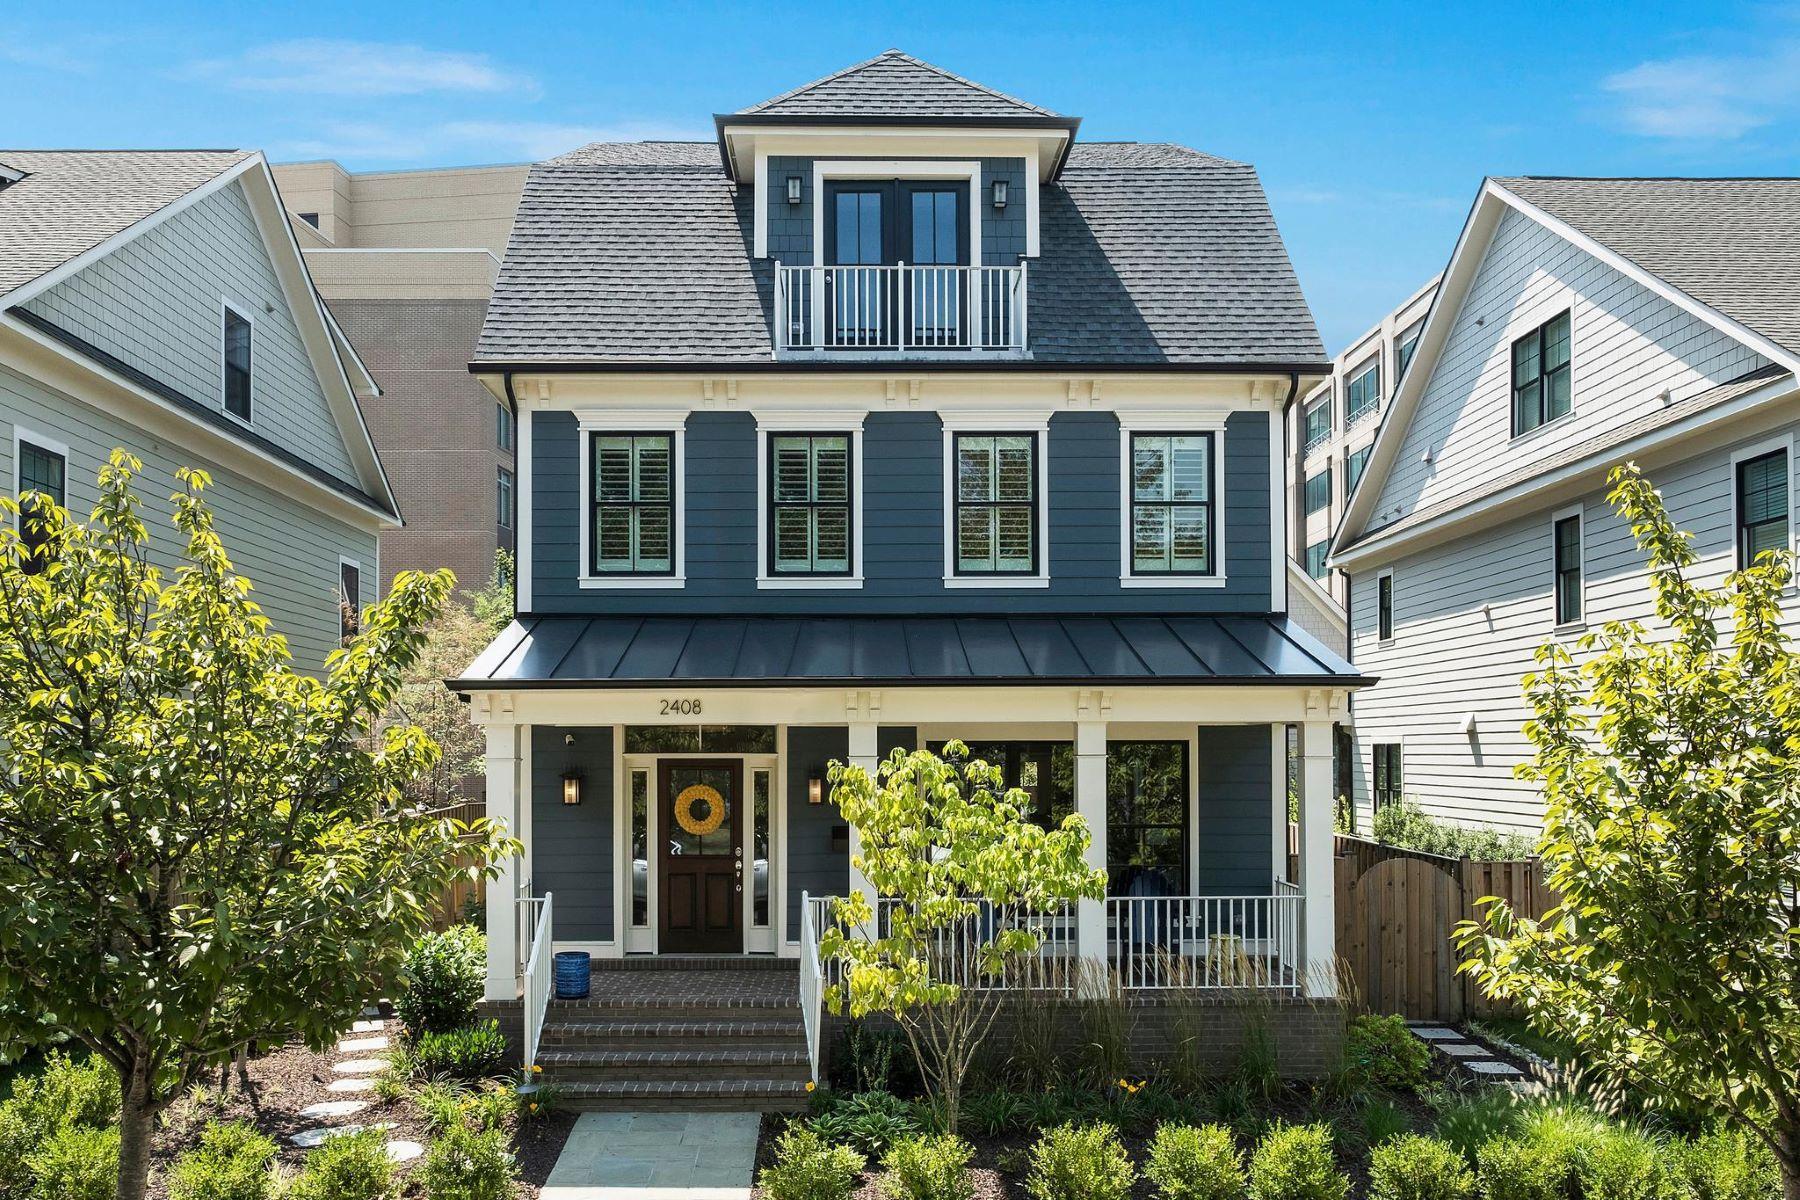 Single Family Homes для того Продажа на 2408 16th St N Arlington, Виргиния 22201 Соединенные Штаты